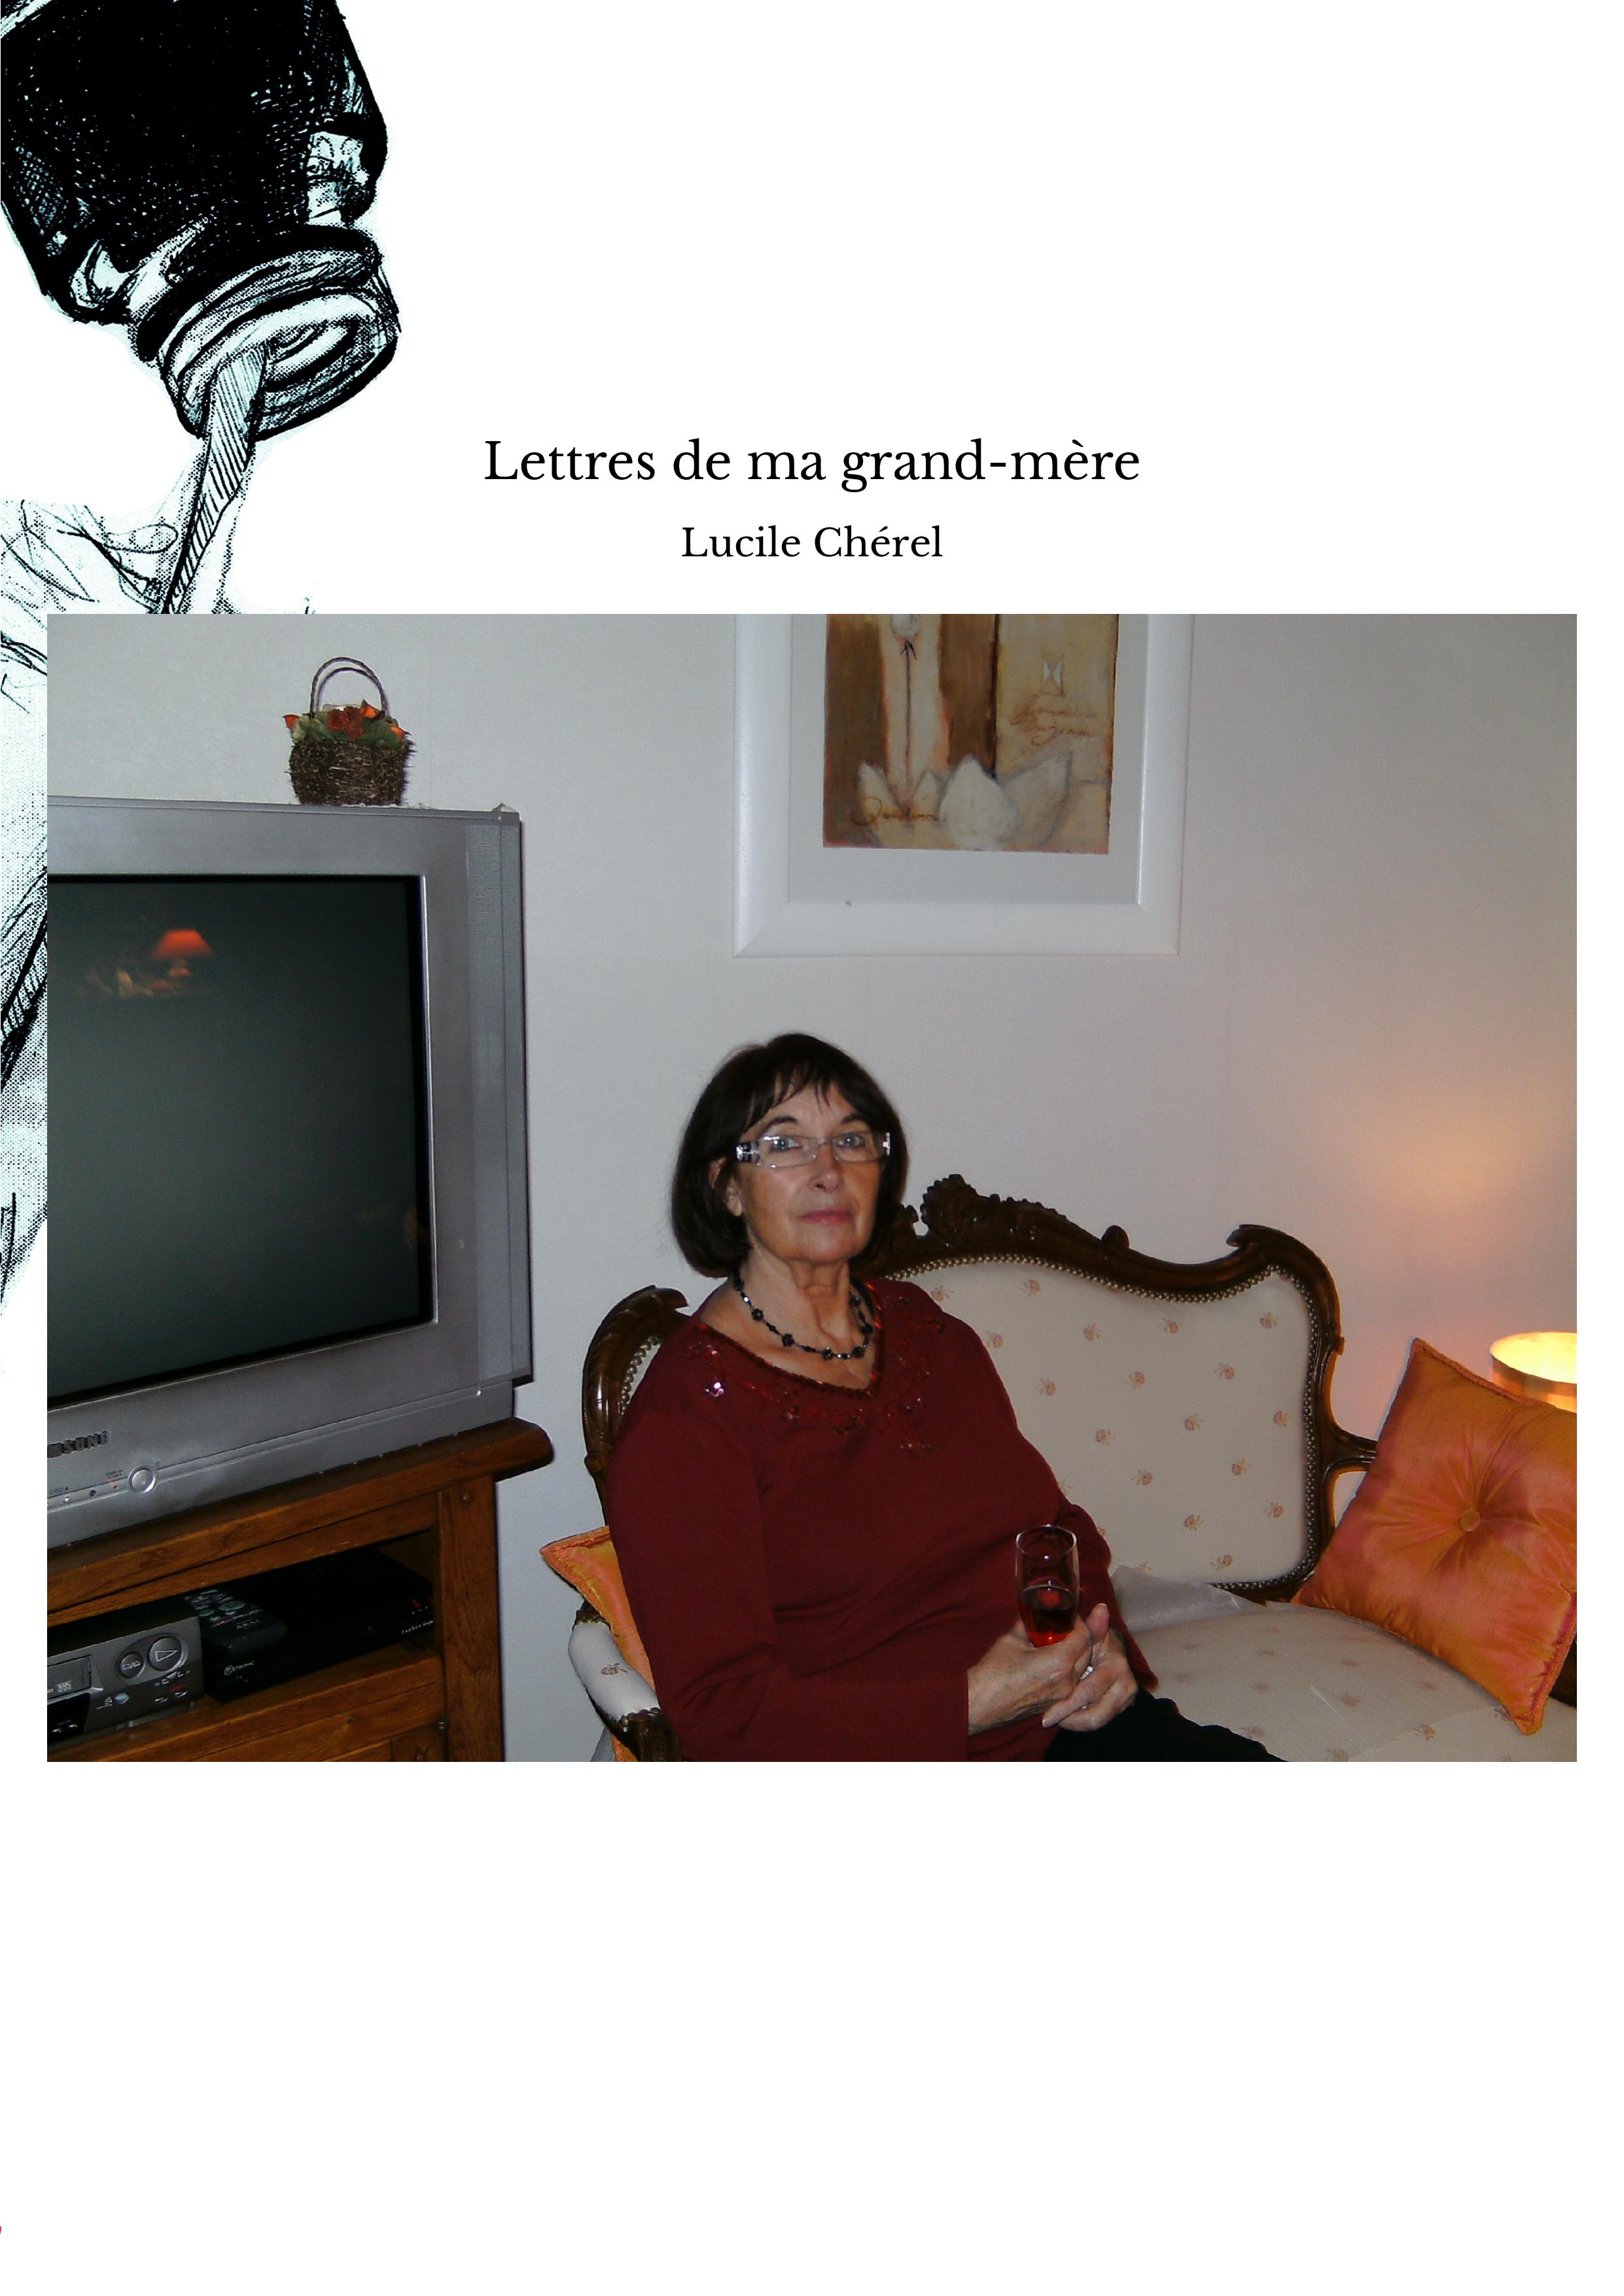 Lettres de ma grand-mère